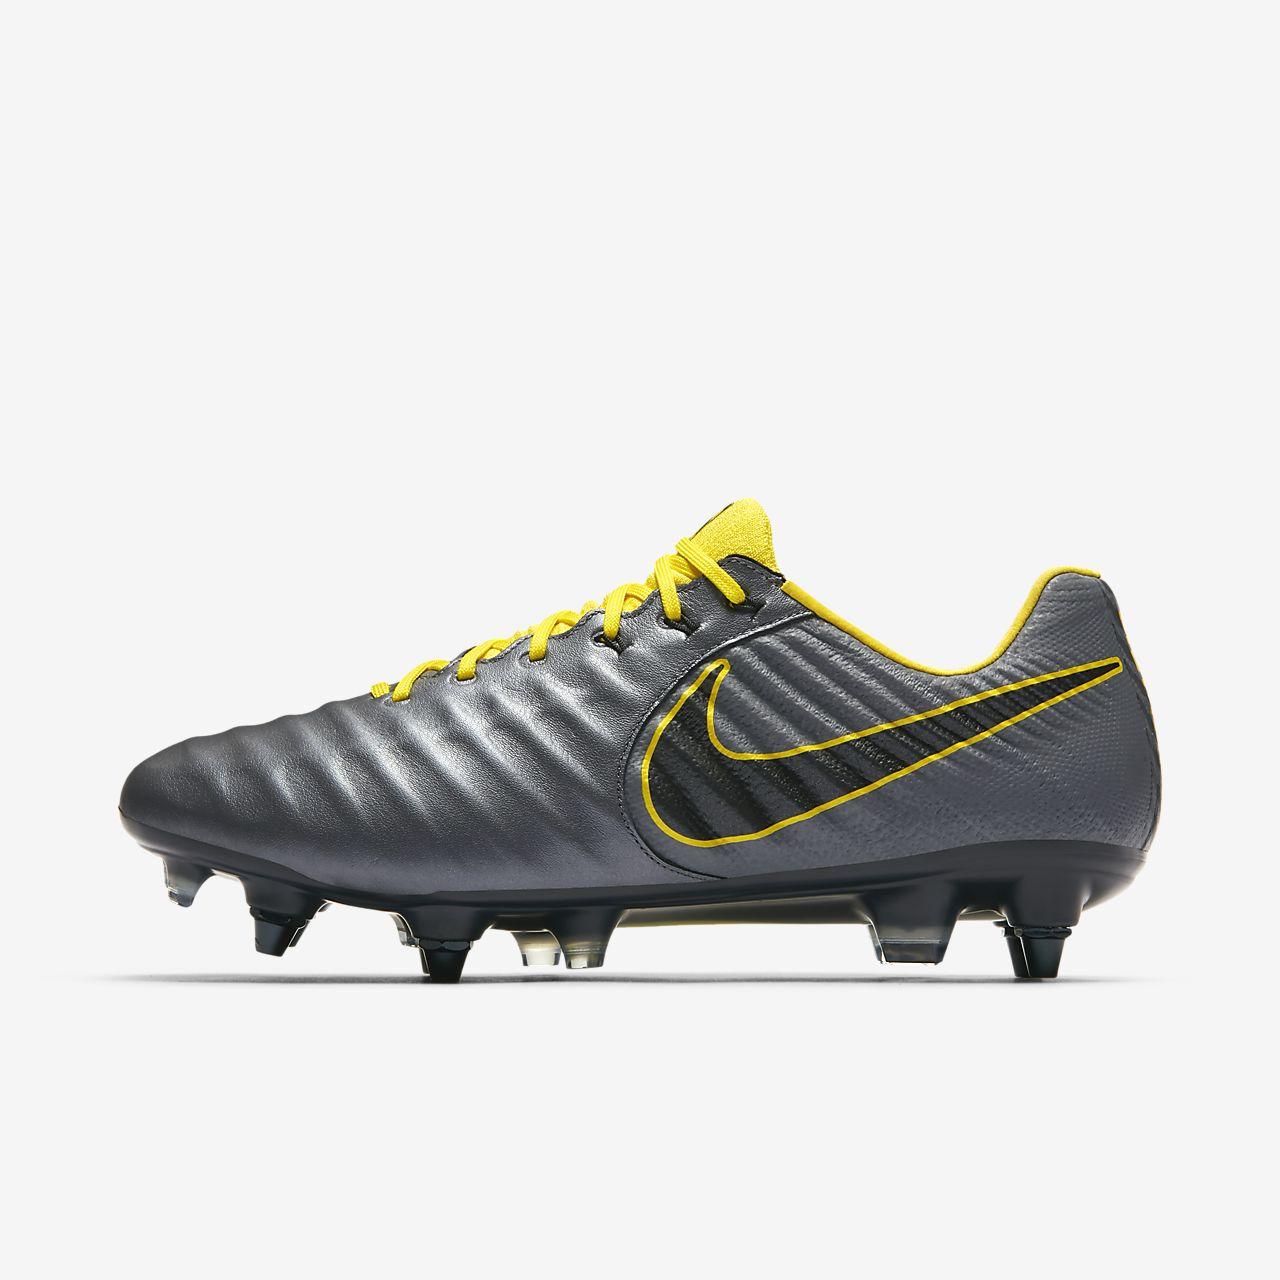 best cheap 46b14 e2b24 ... Nike Tiempo Legend VII Elite SG-Pro Anti-Clog Fußballschuh für weichen  Rasen